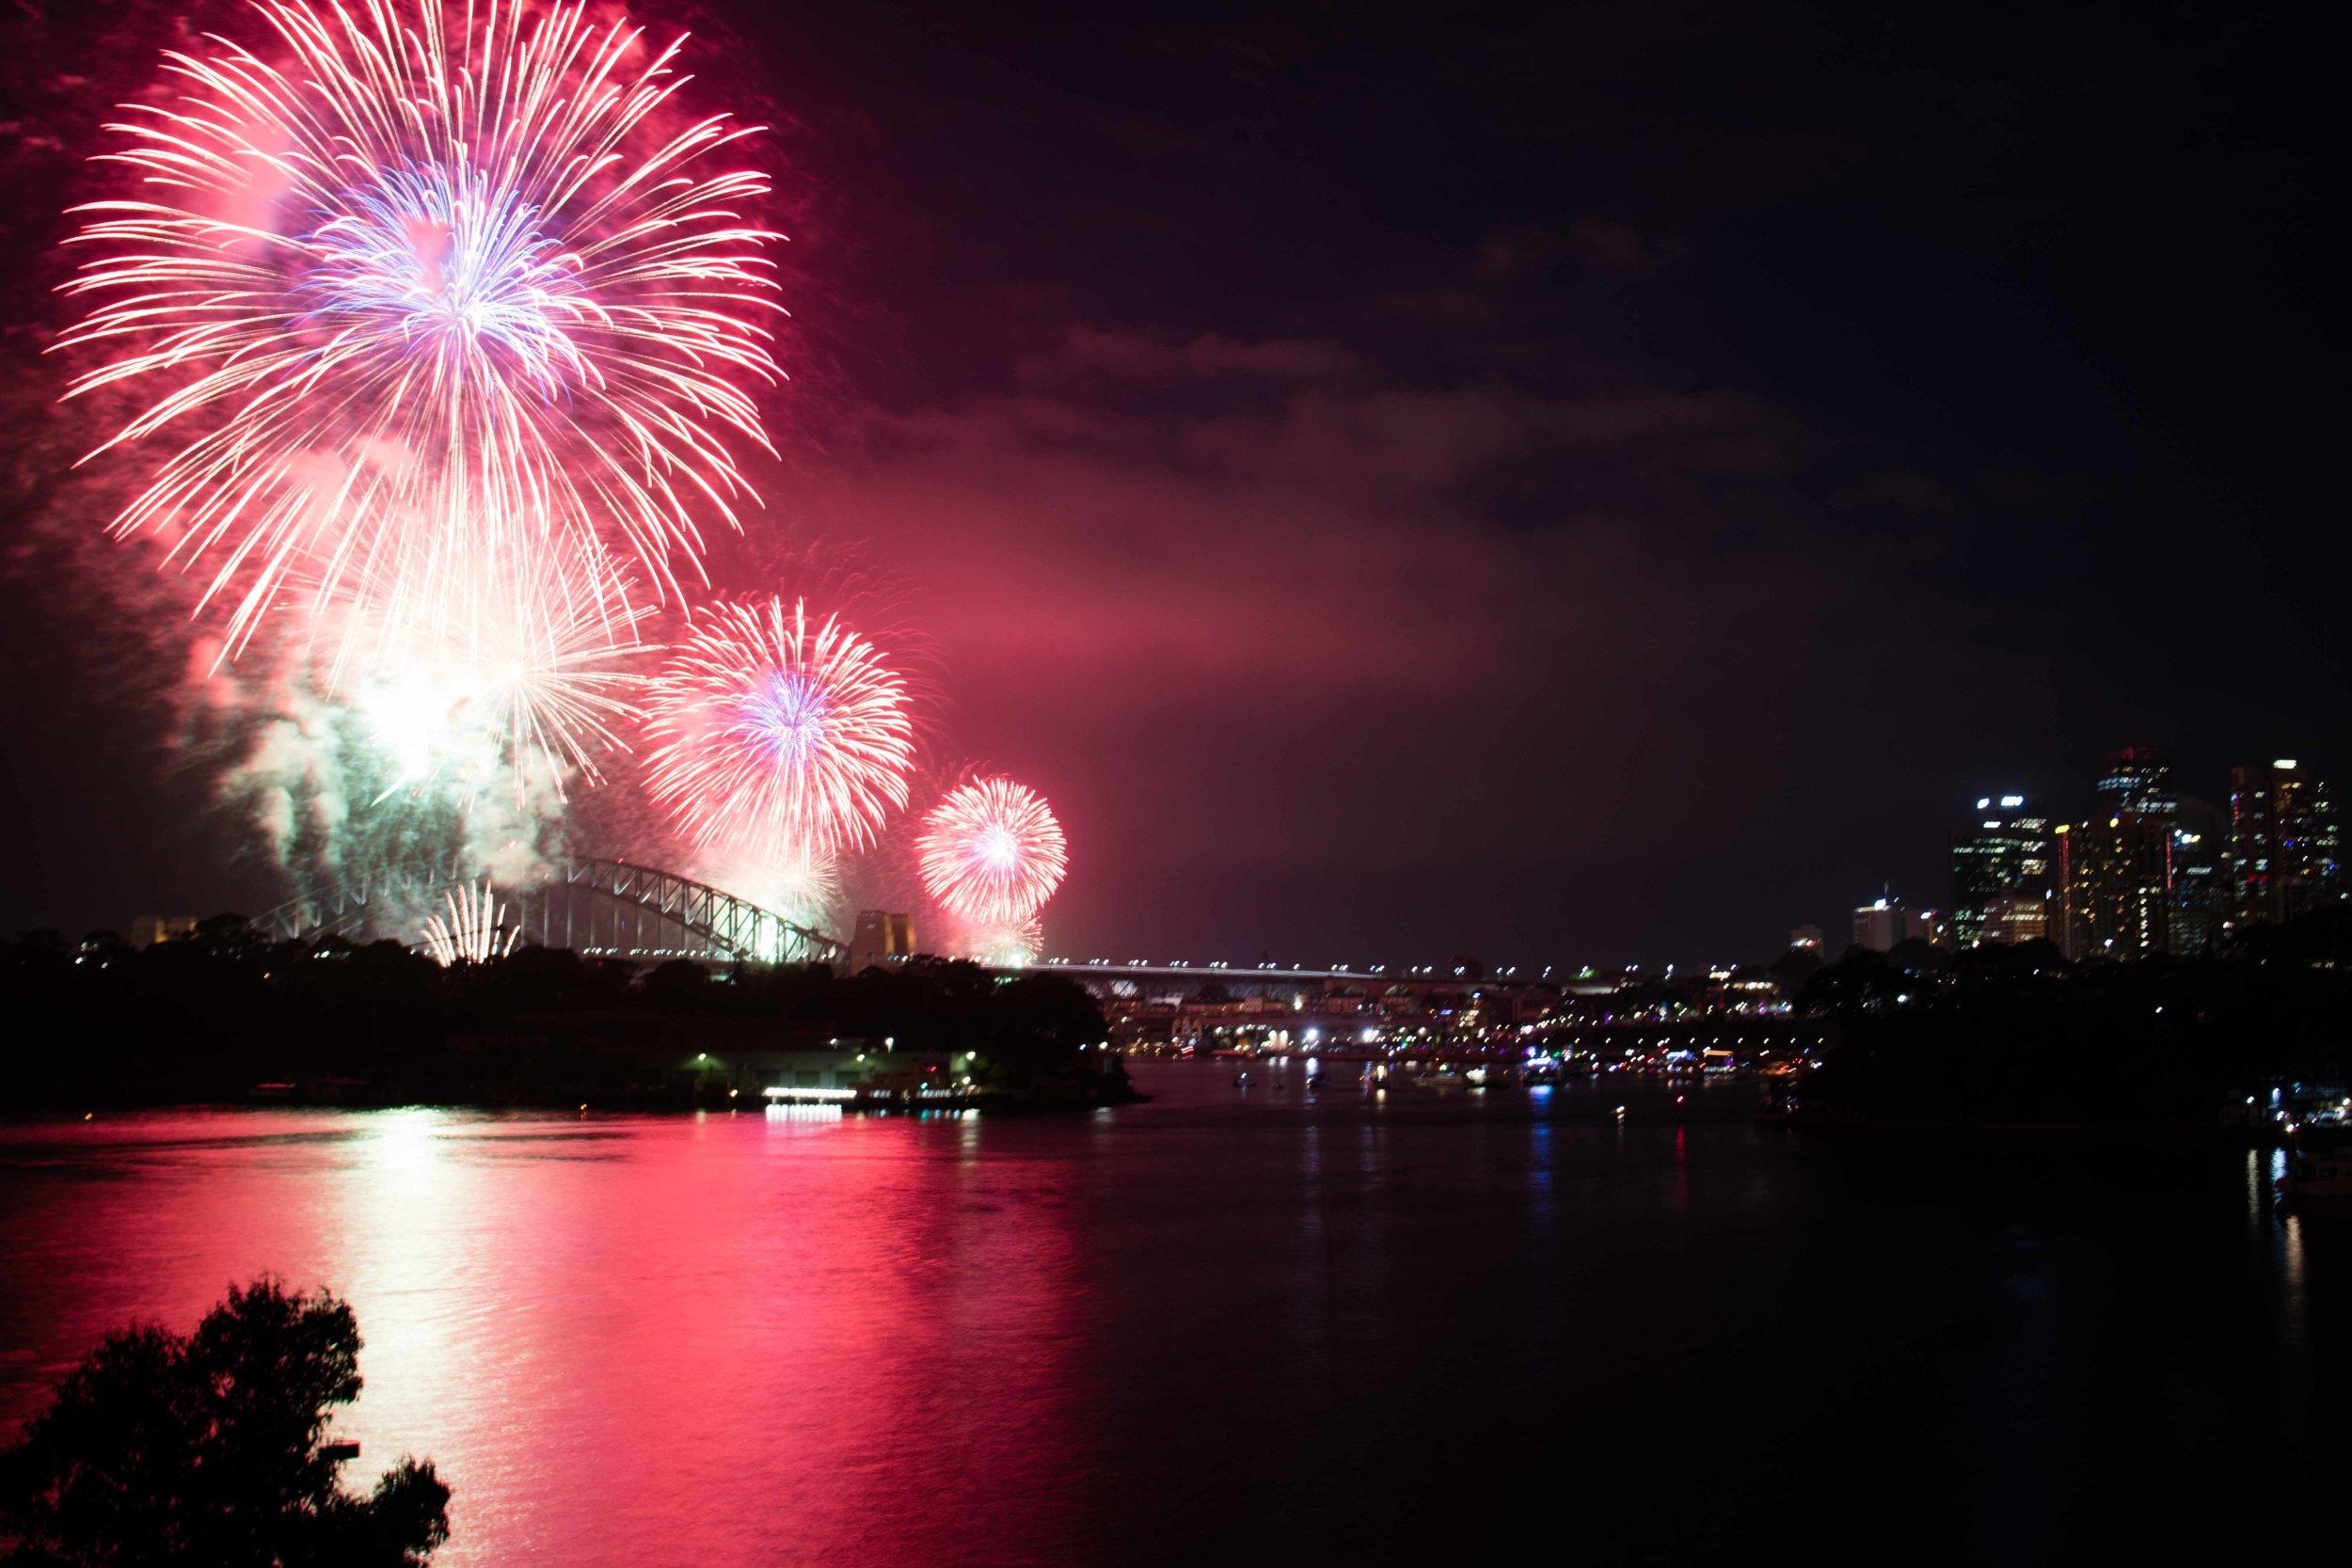 New Year's fireworks in Sydney, AUS.